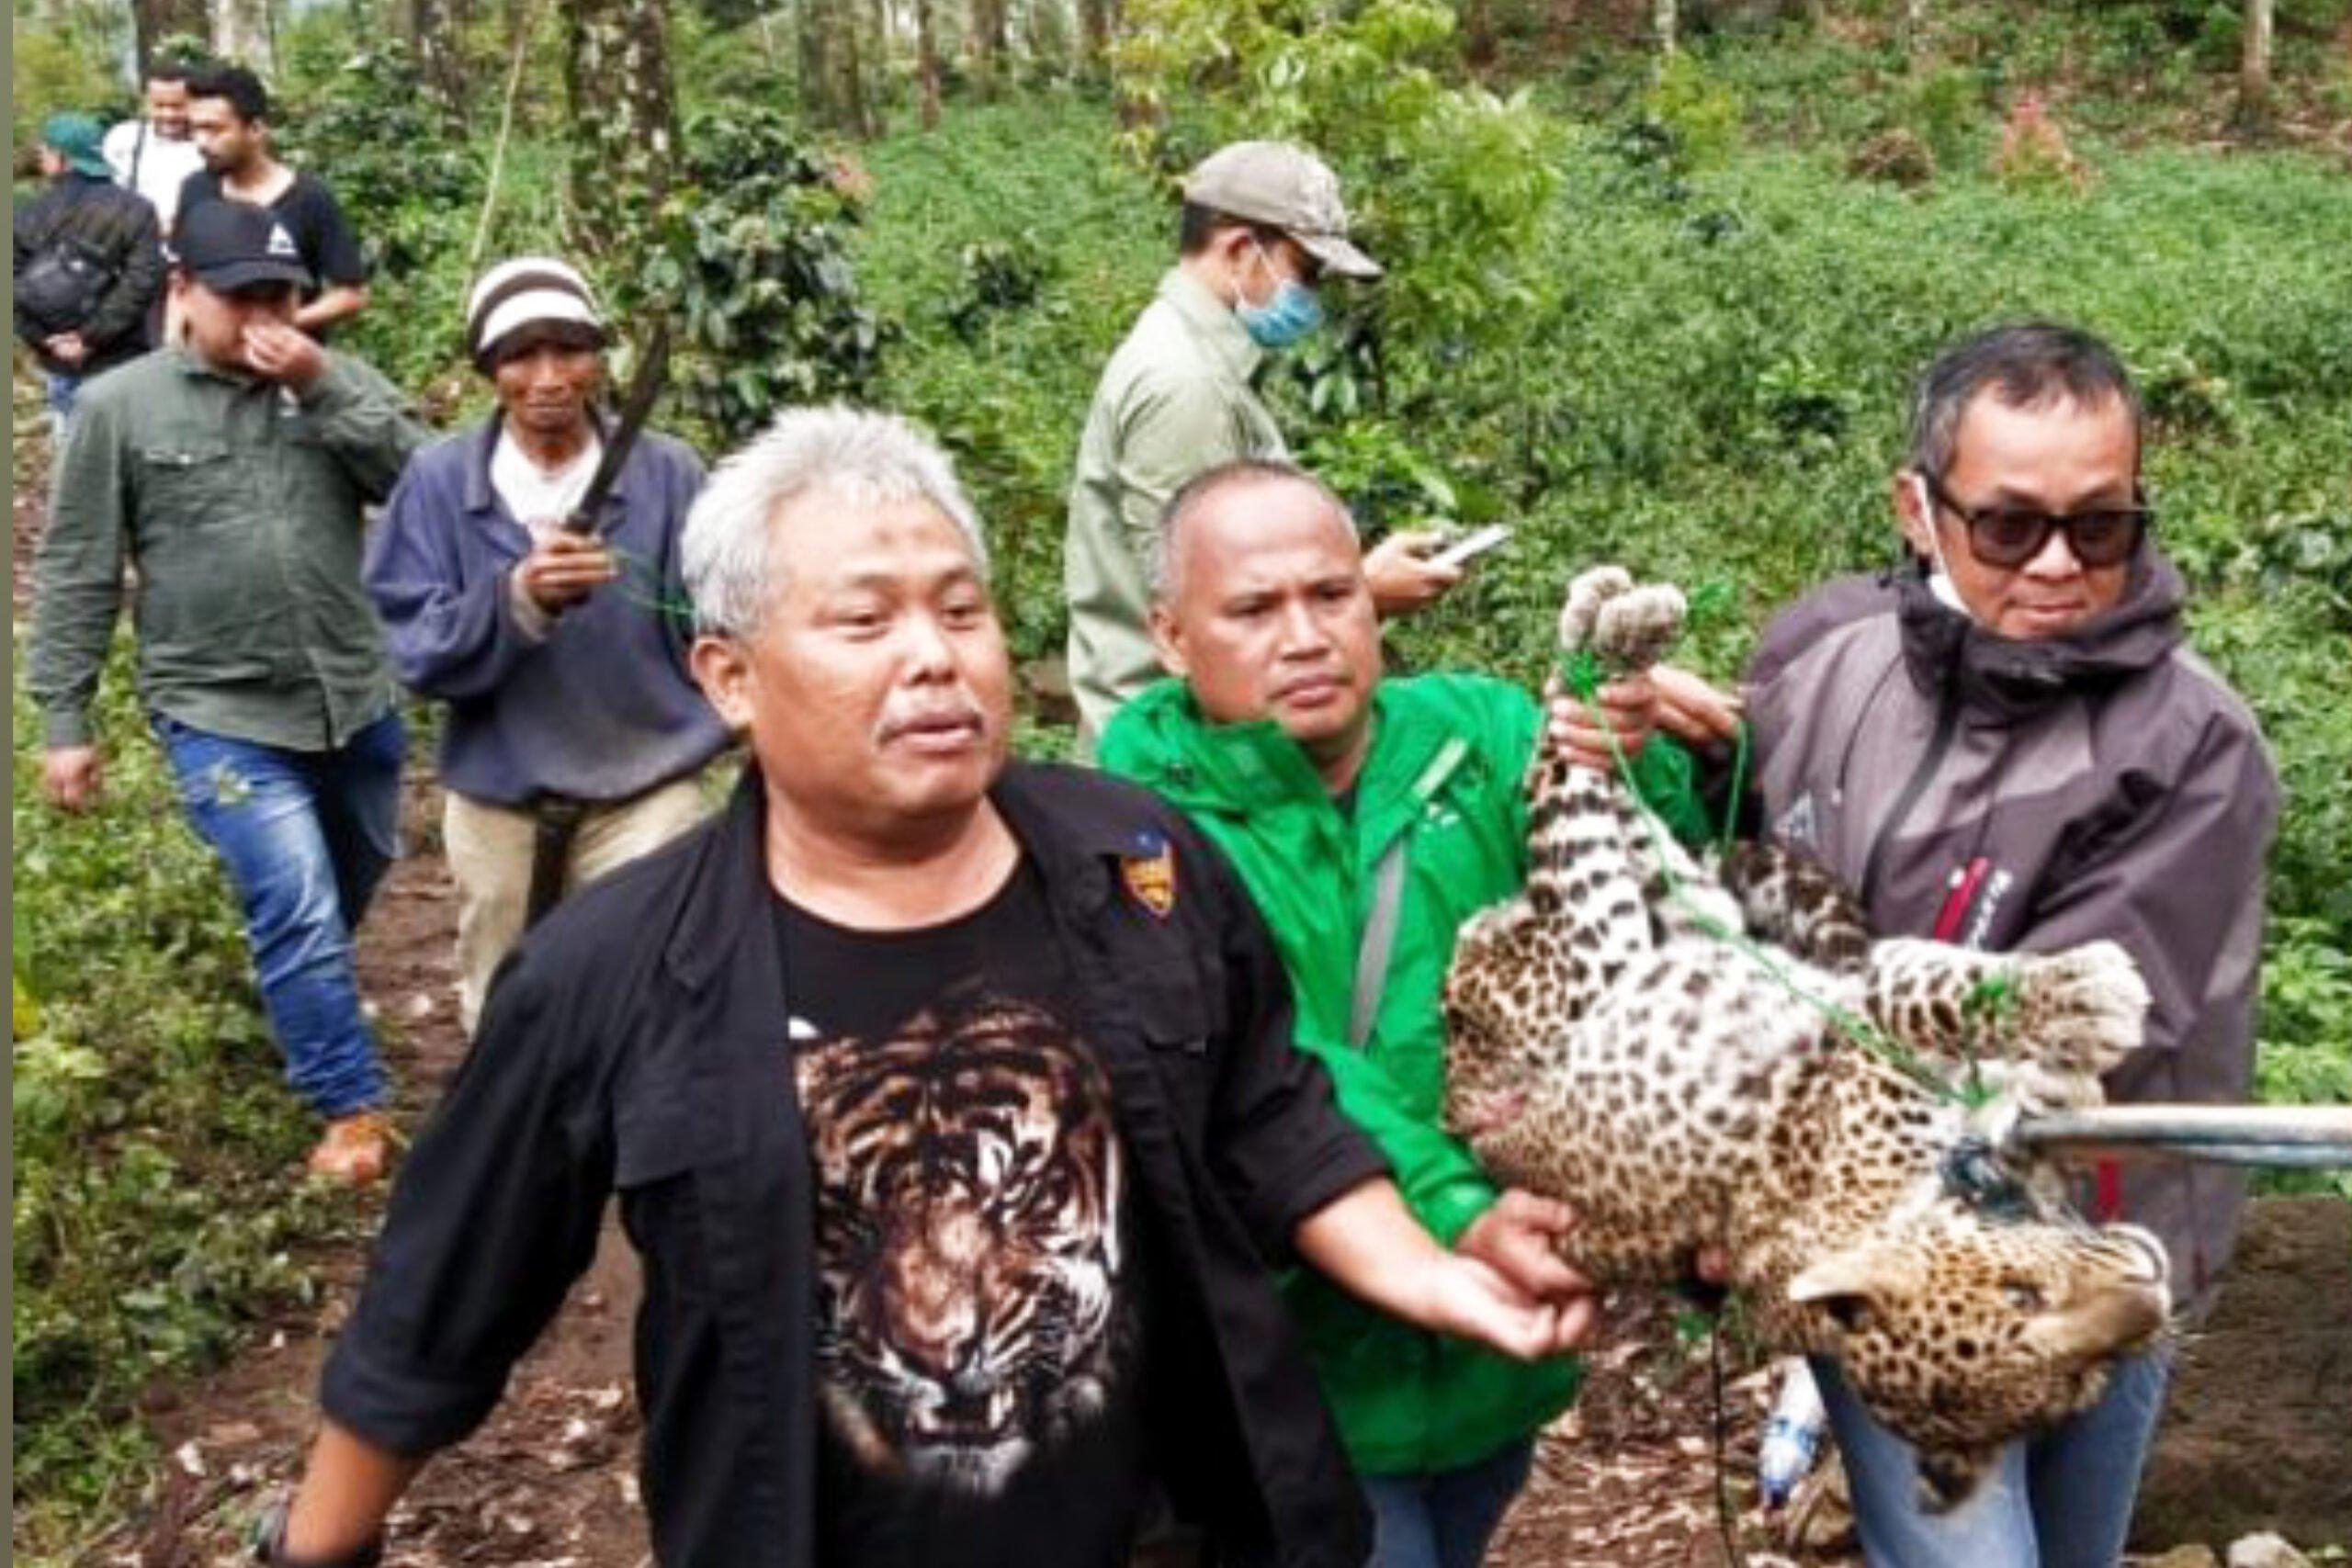 Petani Temukan Macan Tutul Dalam Keadaan Kritis di Hutan Lindung Kawah Putih Bandung 233